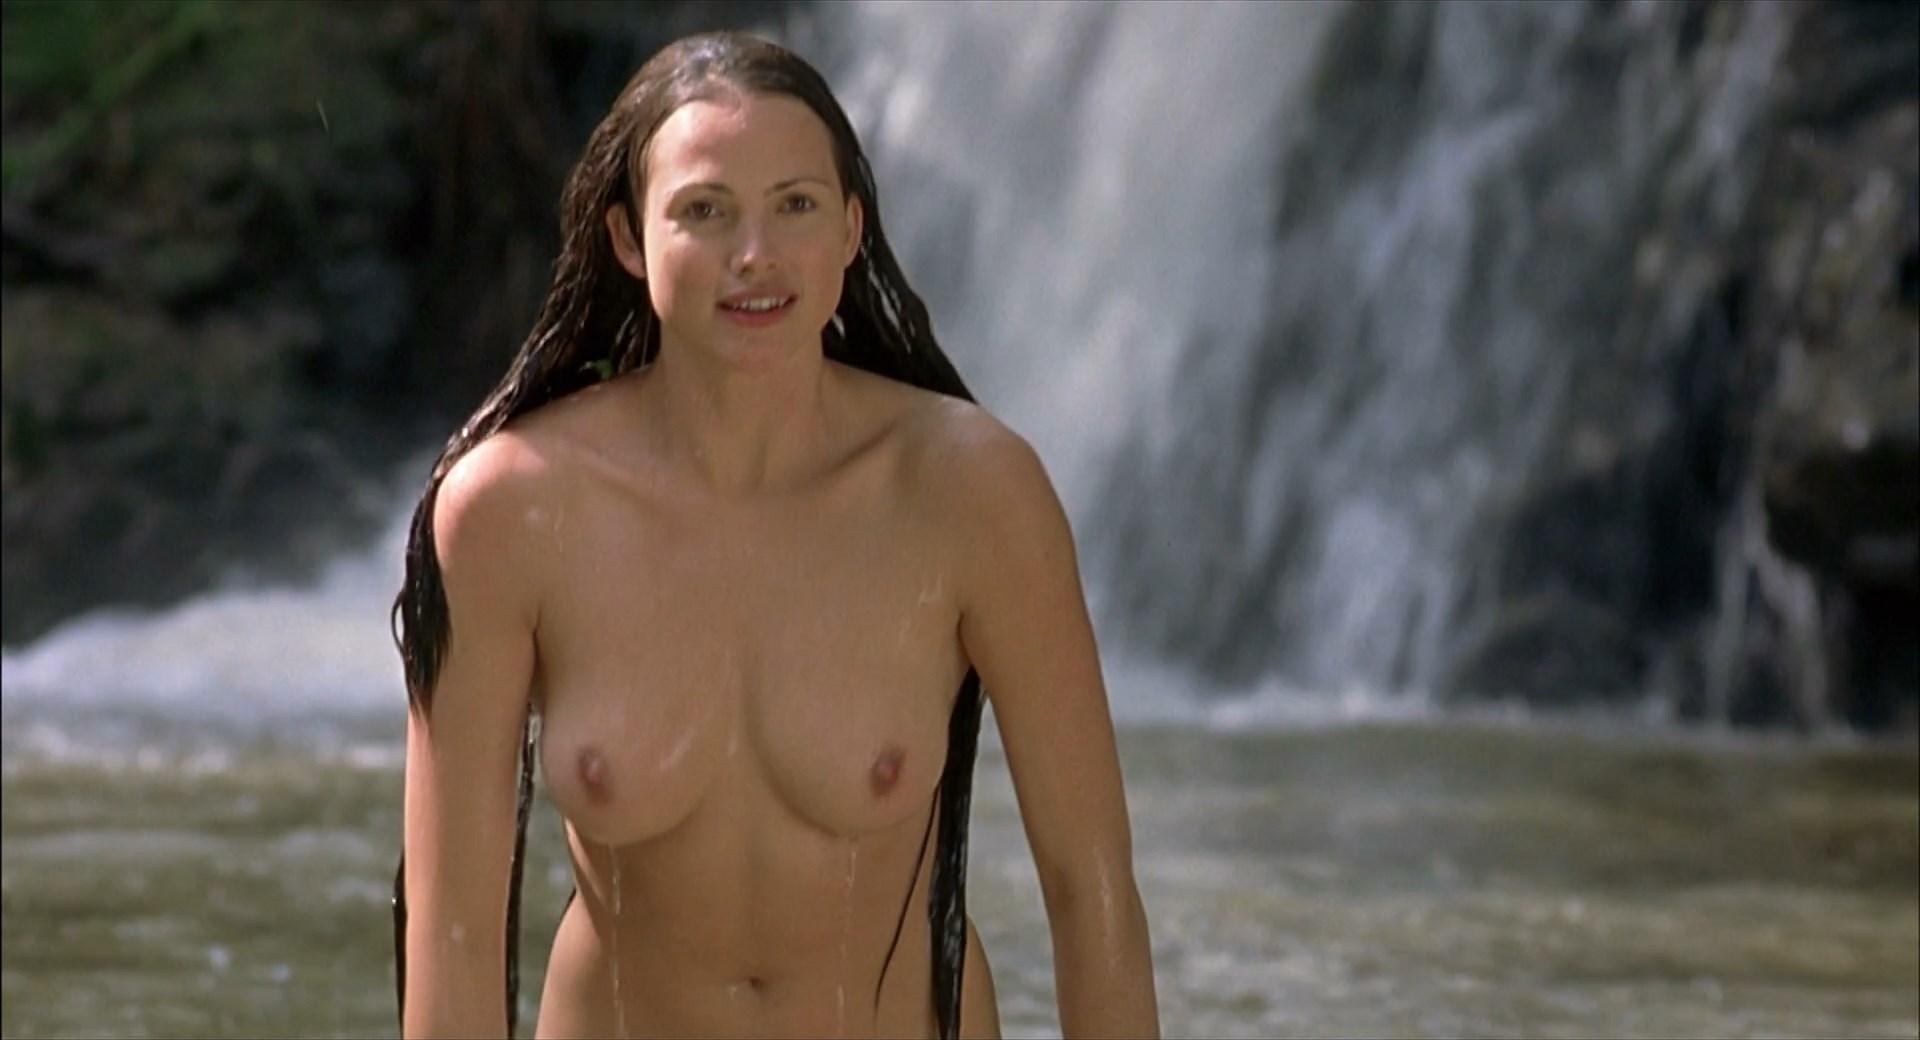 movie-nudity